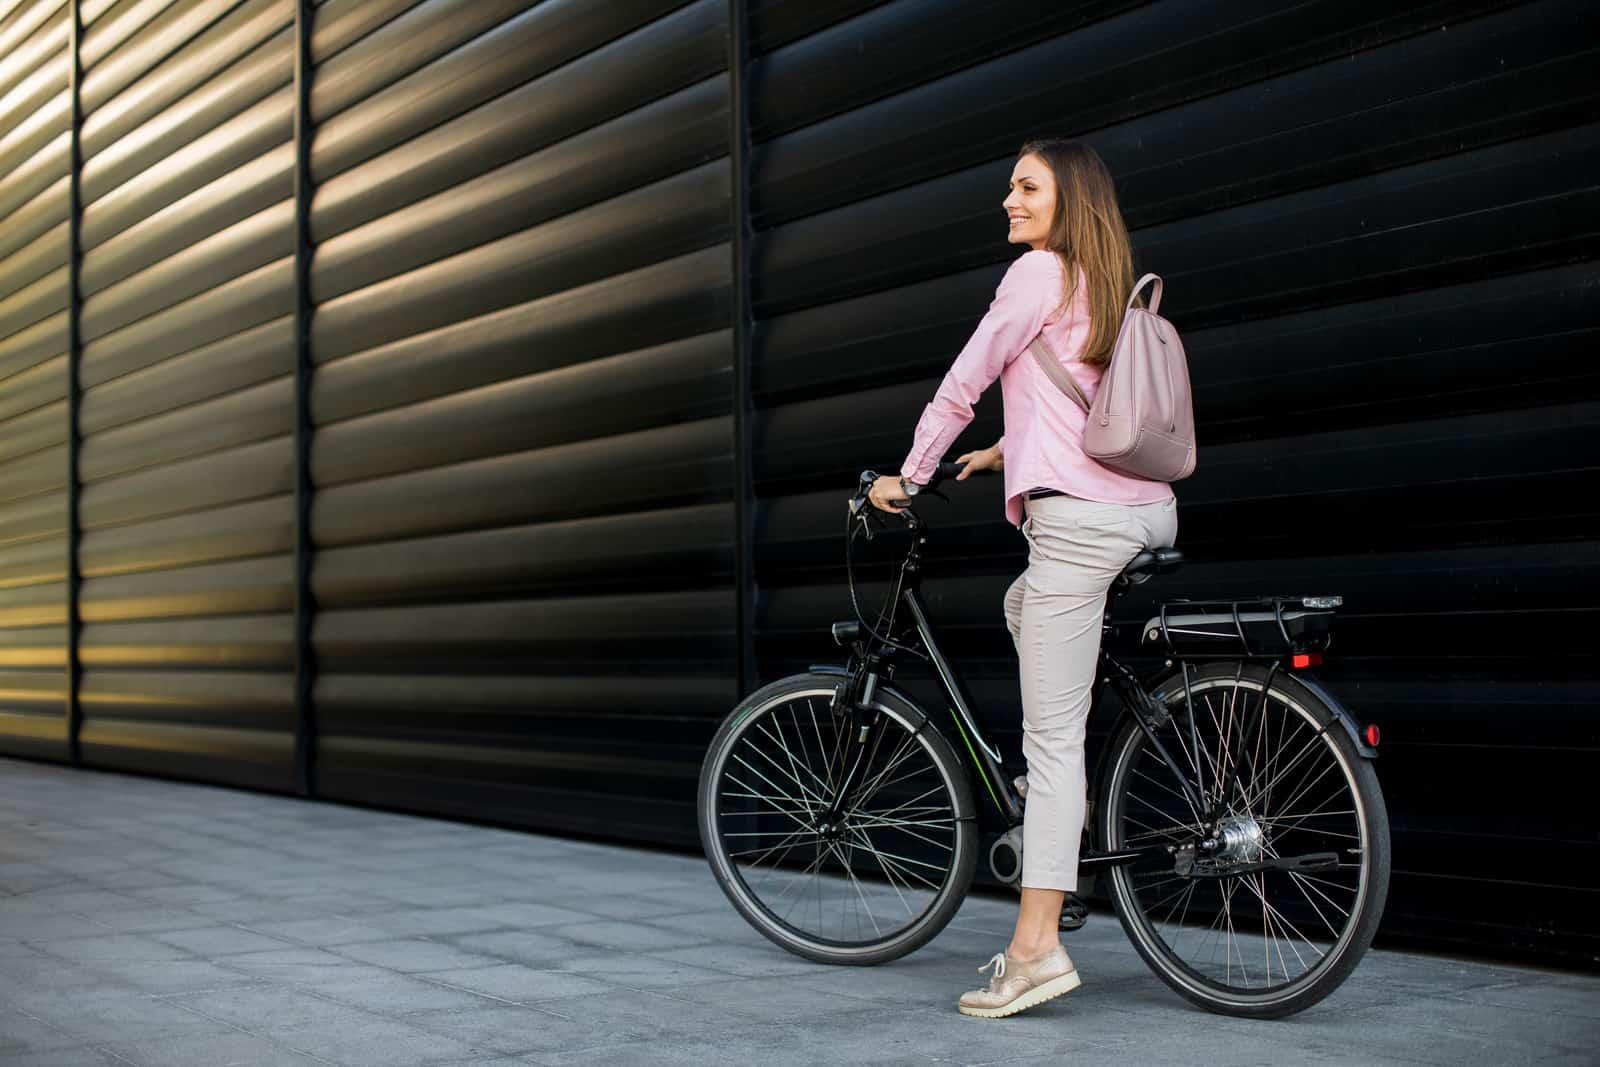 hybrid bikes under 300 dollars for women